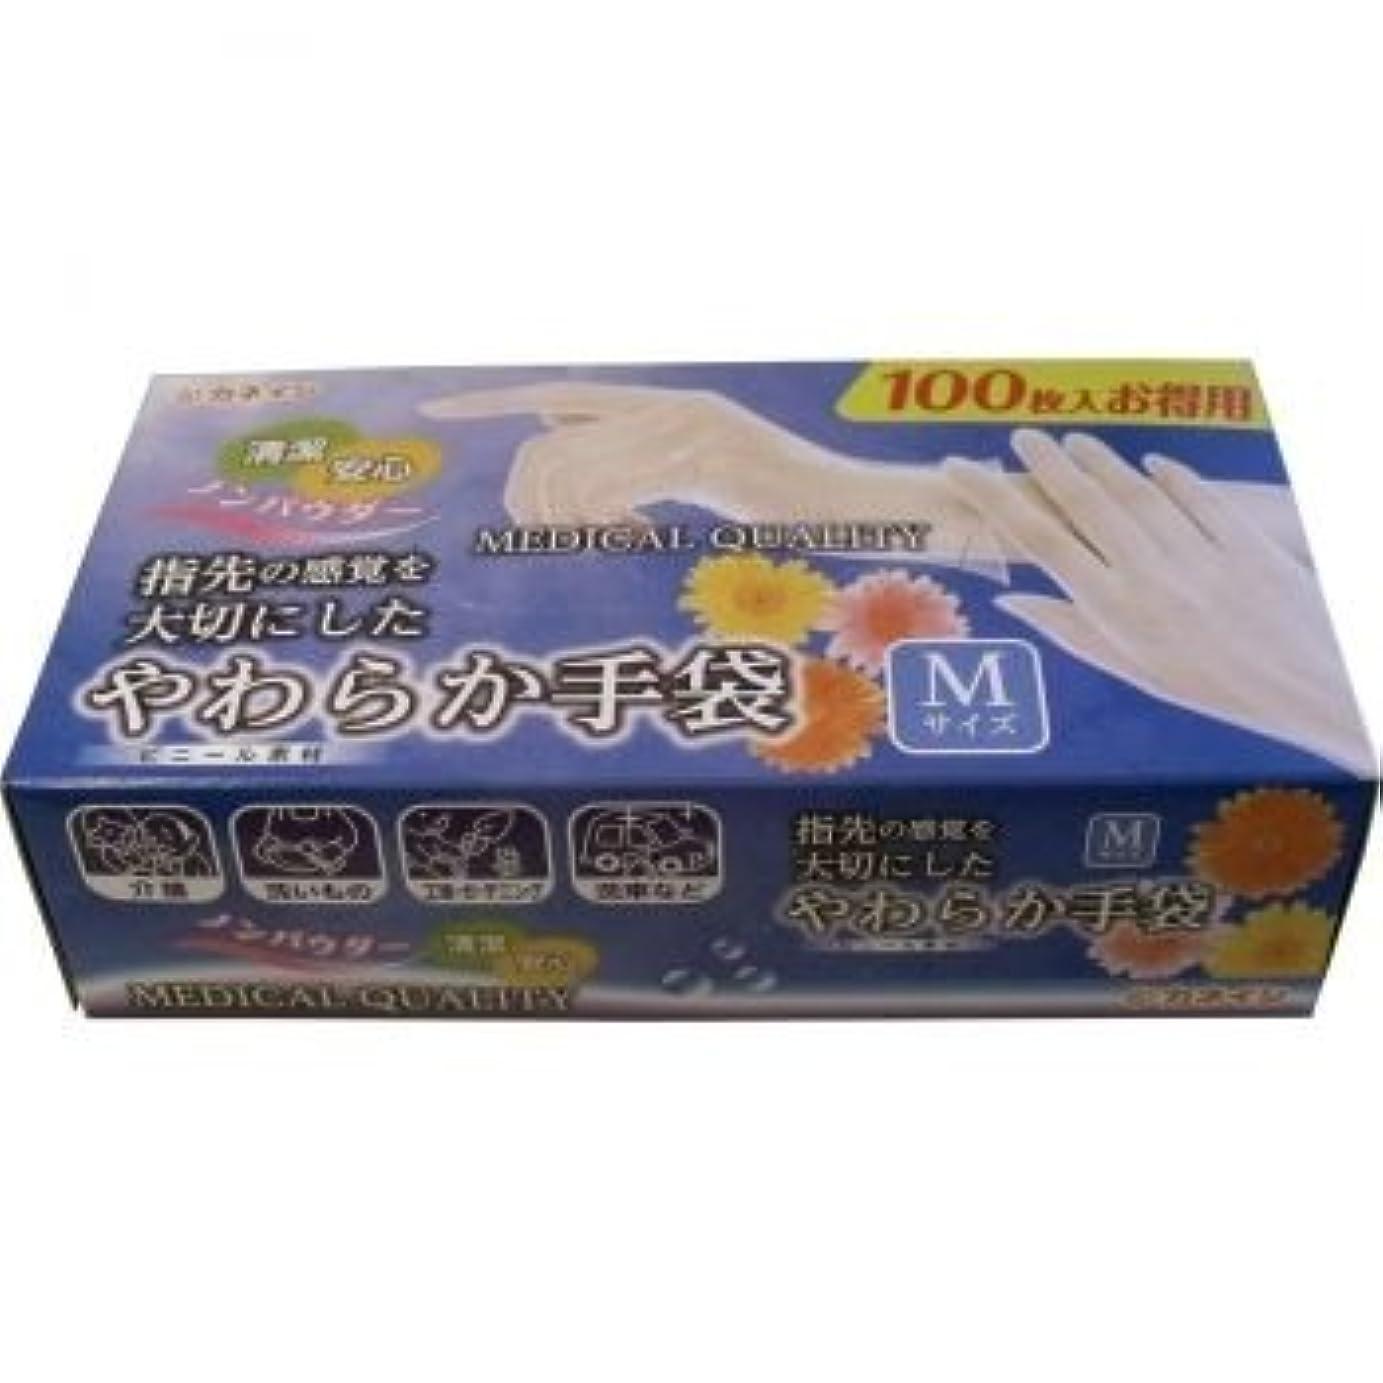 シマウマキャップ子供っぽいやわらか手袋 ビニール素材 パウダーフリー Mサイズ 100枚入【2個セット】